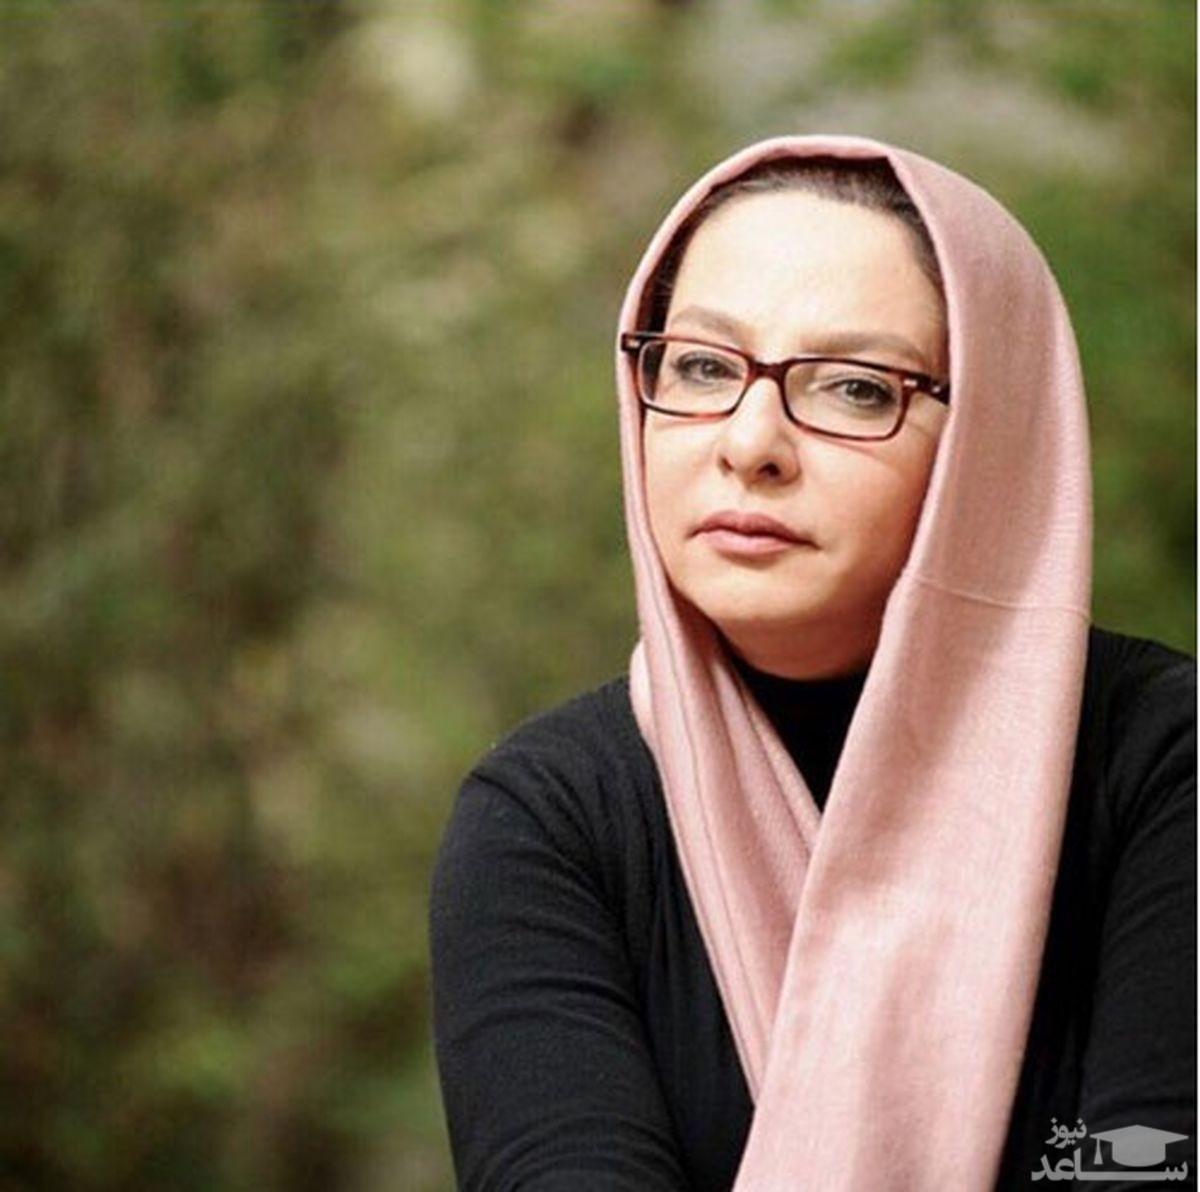 لاله صبوری در کنار جمشید هاشم پور